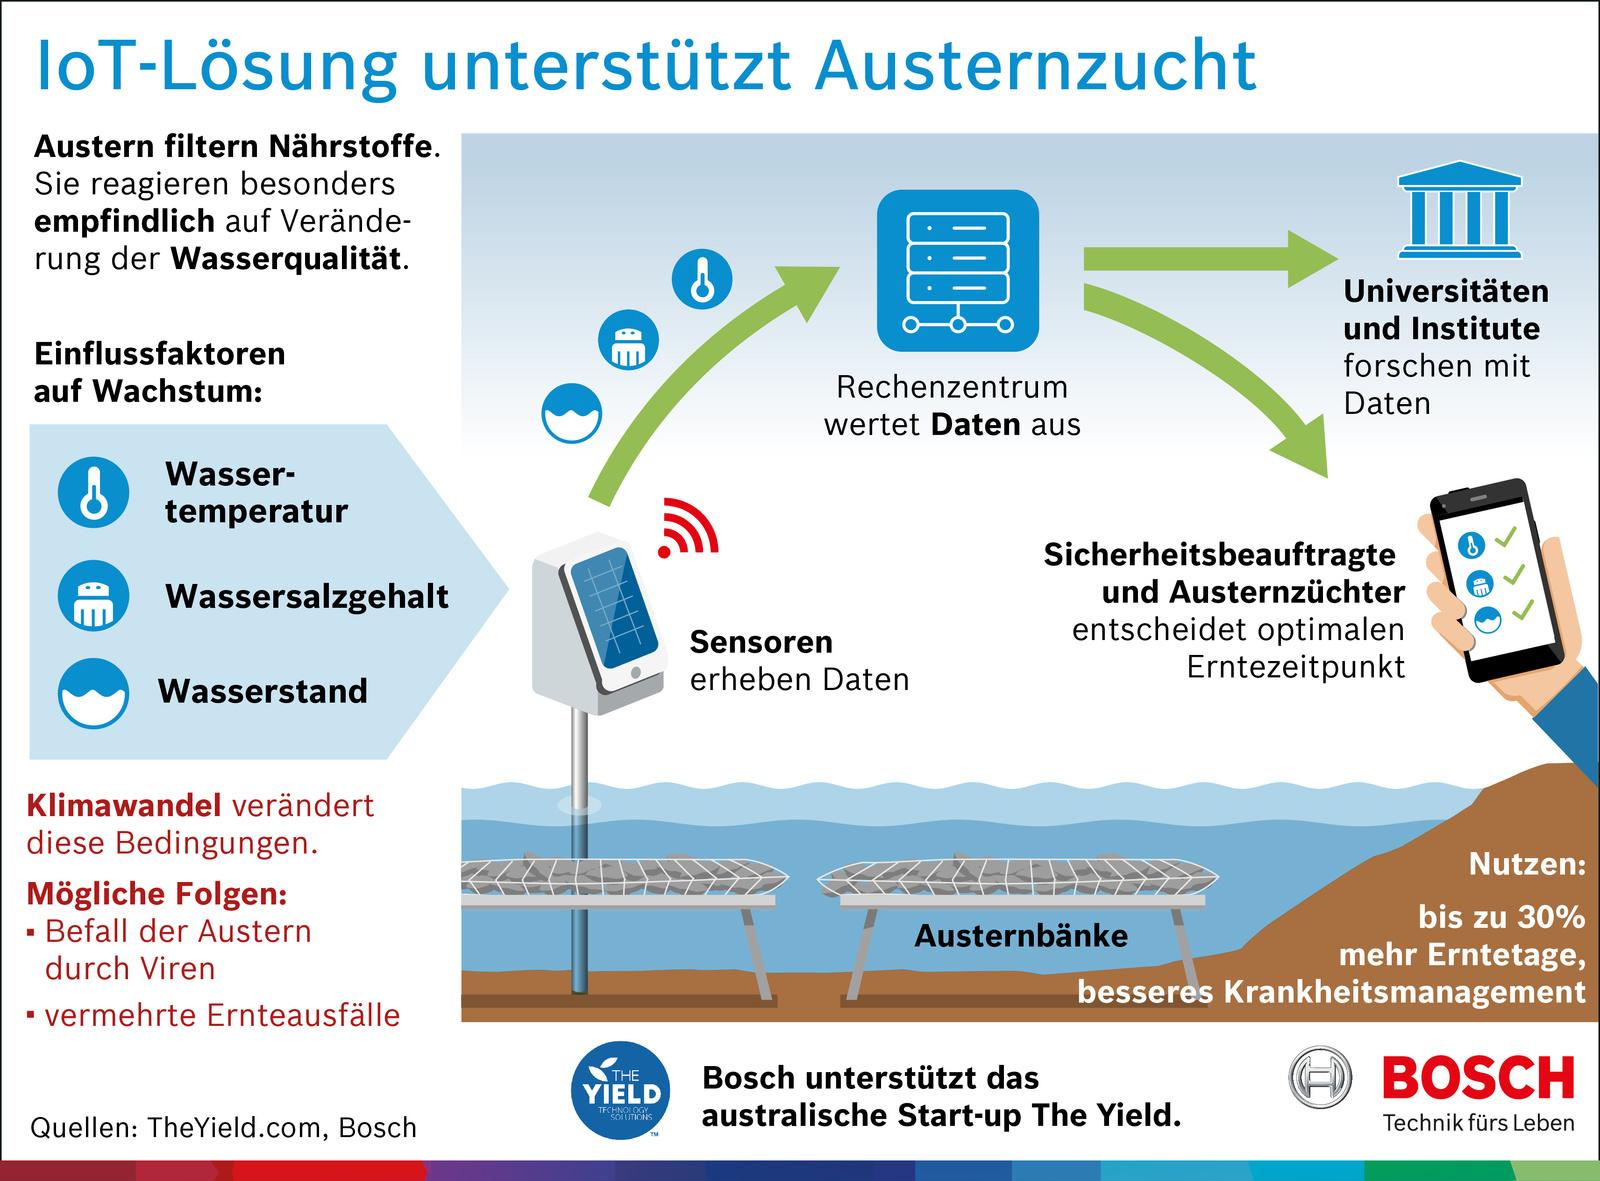 Internet für Aquakulturen: Wie Sensoren die Ernte retten. Lösung des australischen Start-ups The Yield, das von Bosch unterstützt wird